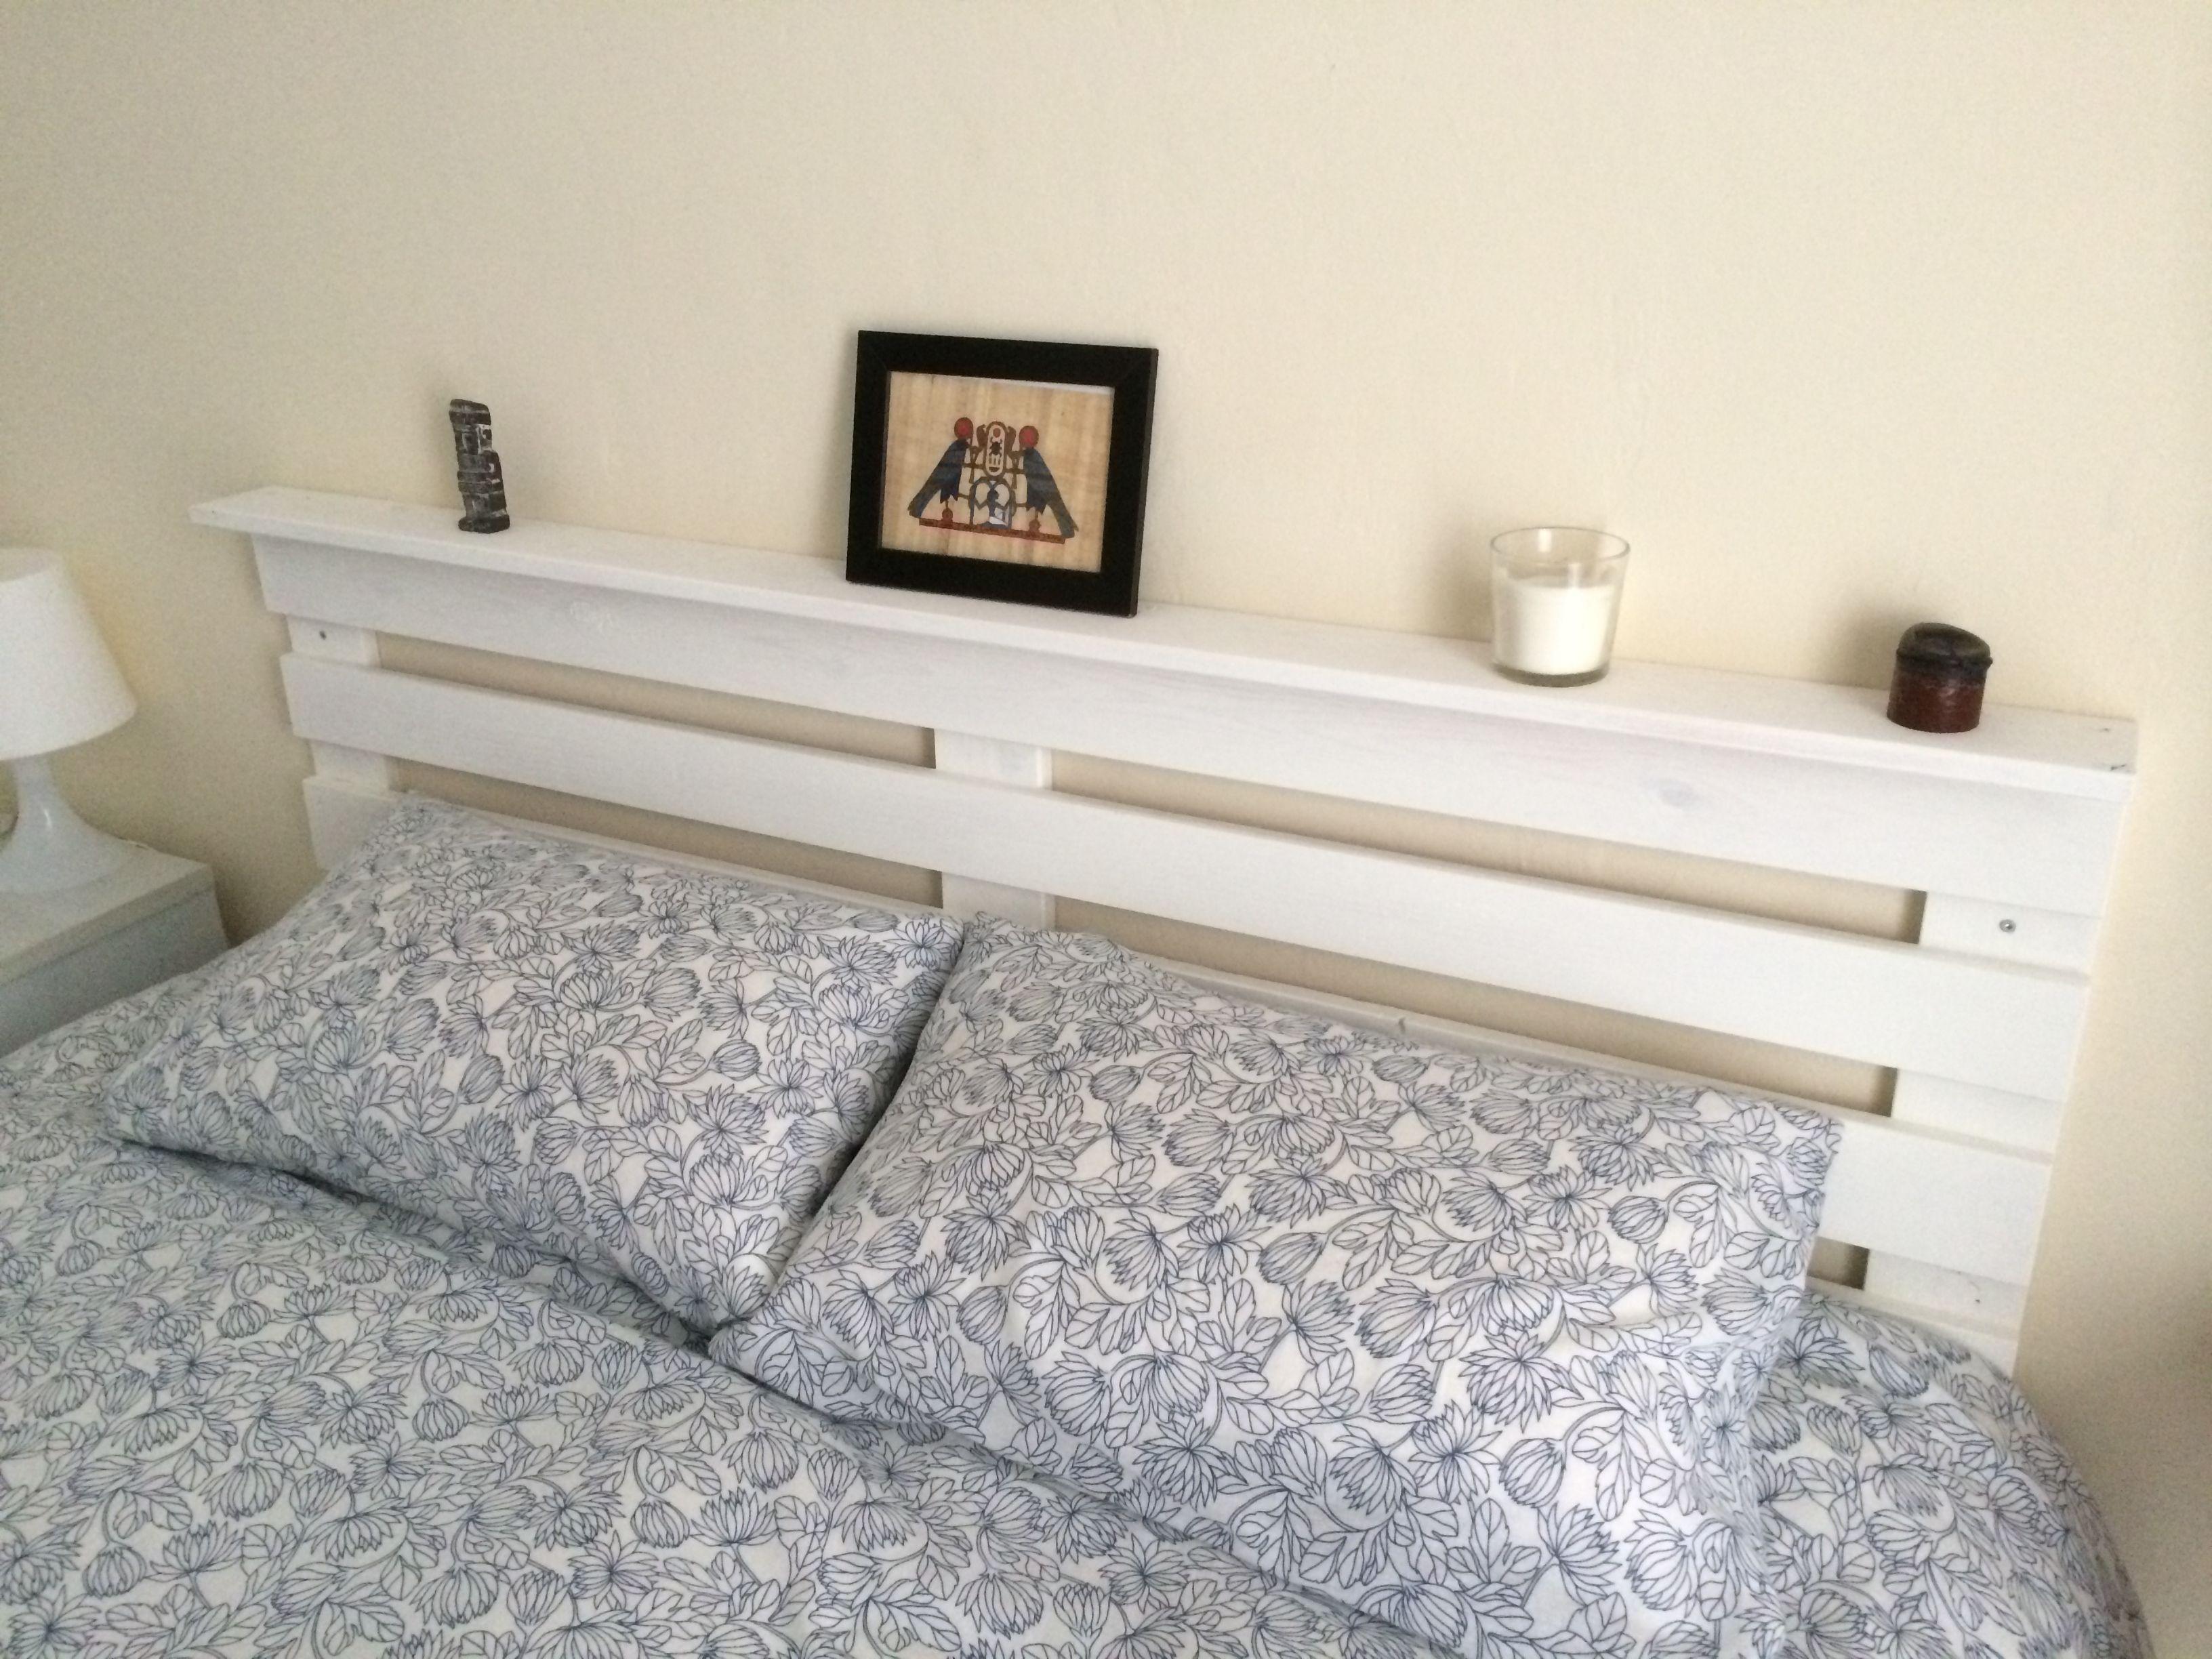 Cabezal de madera de palet reciclada acabado con crema de pintura color marfil cabezales - Cabezales de cama de madera ...